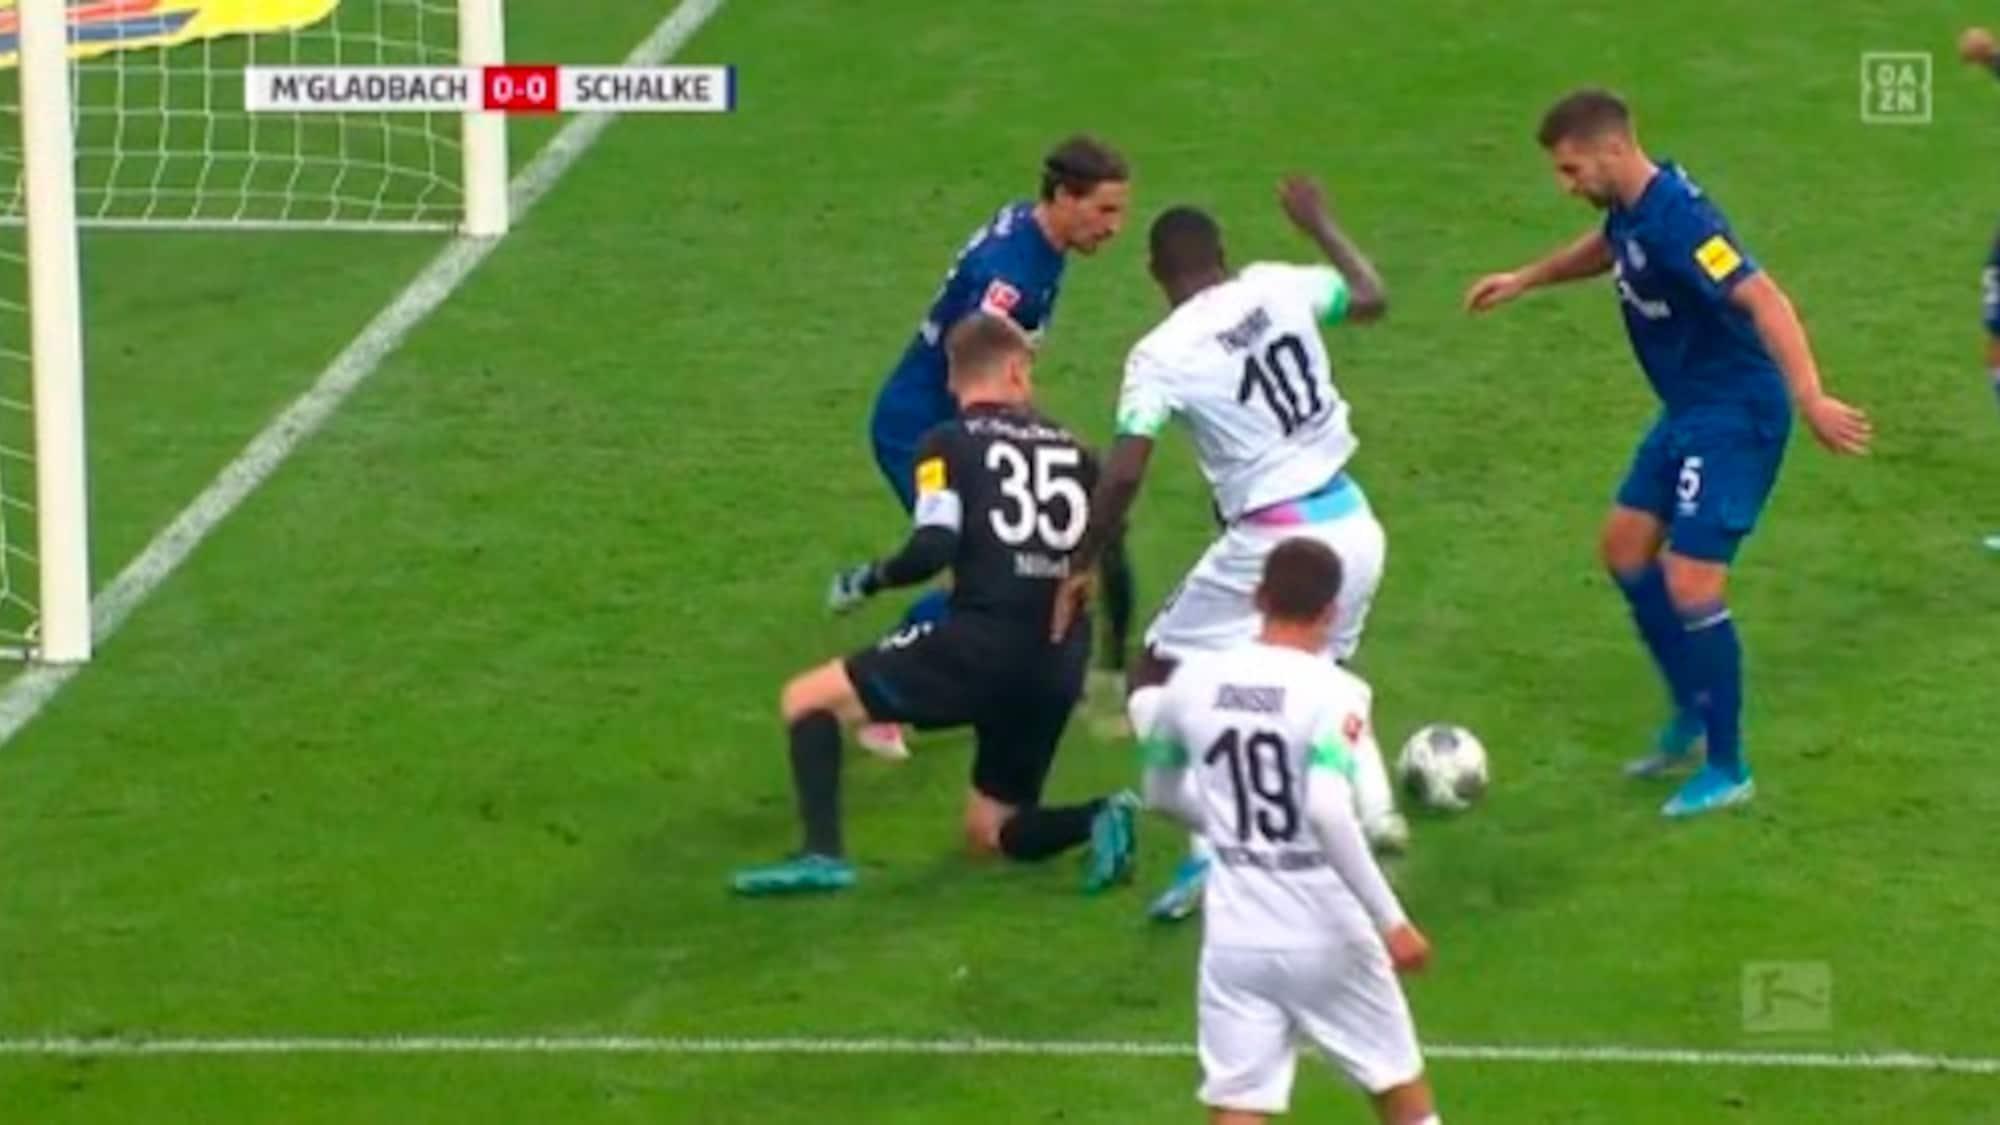 Bei Embolo-Debüt: Chaos im Schalke-Strafraum – Gladbach kann nicht profitieren